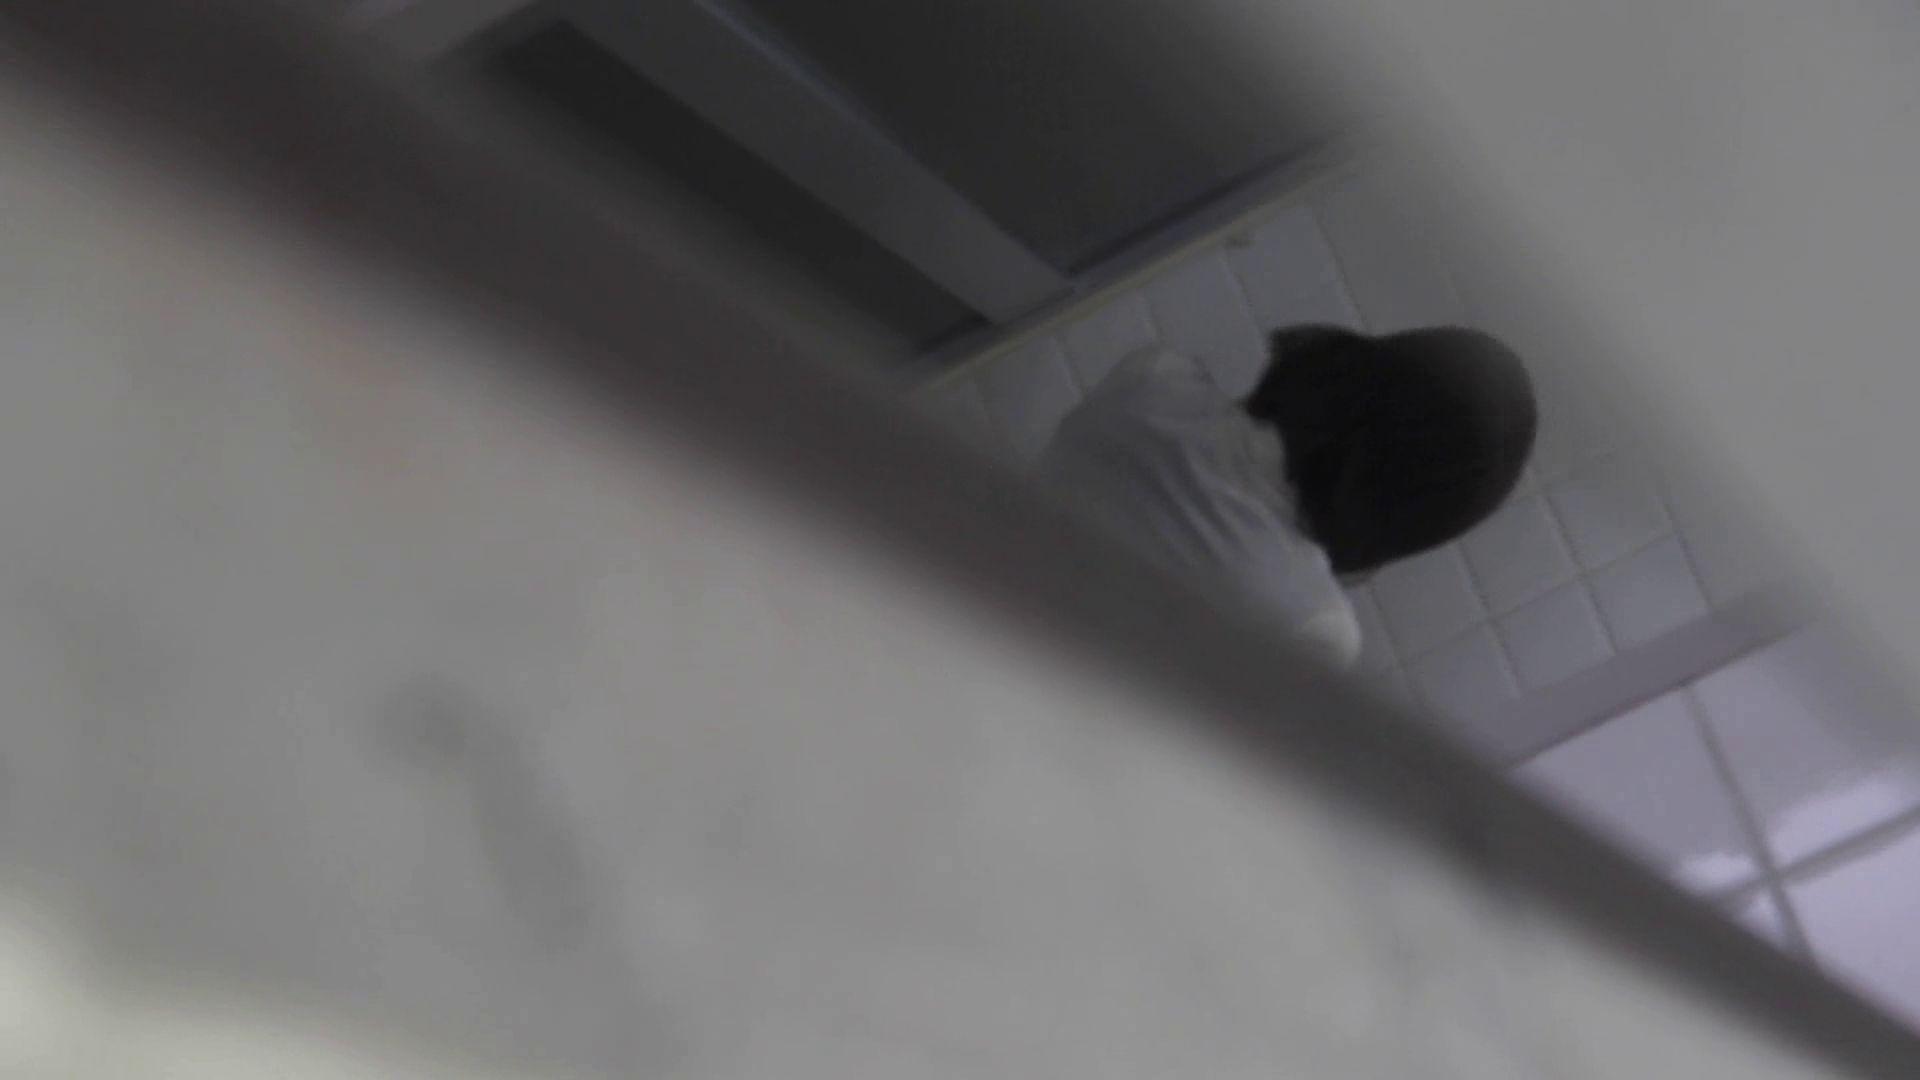 【美しき個室な世界】 vol.025 メガネ属性ヾ(´∀`)ノ 洗面所 AV動画キャプチャ 94pic 41